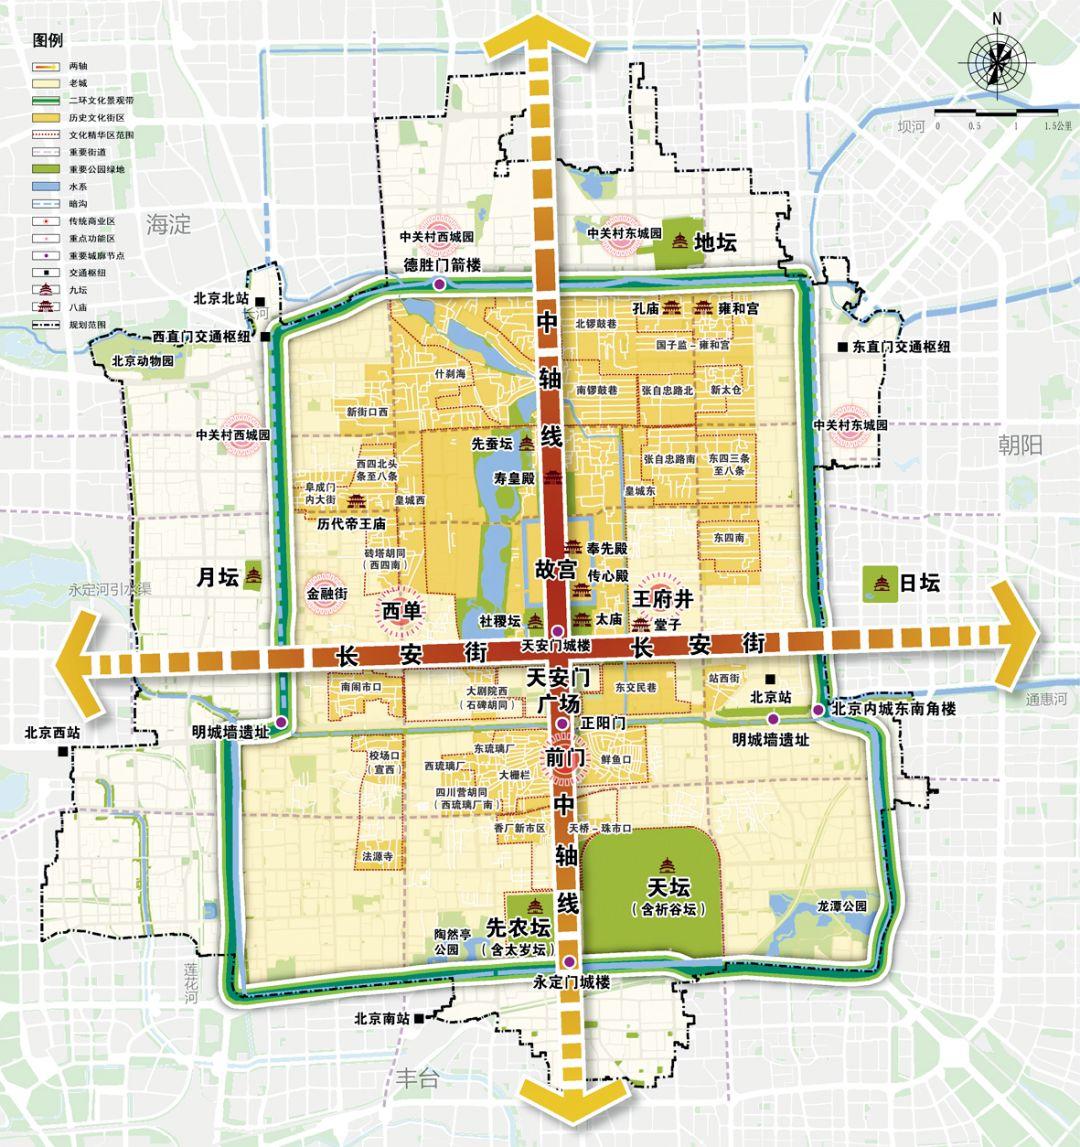 空间结构规划图供图/北京市规划和自然资源委员会(下同)